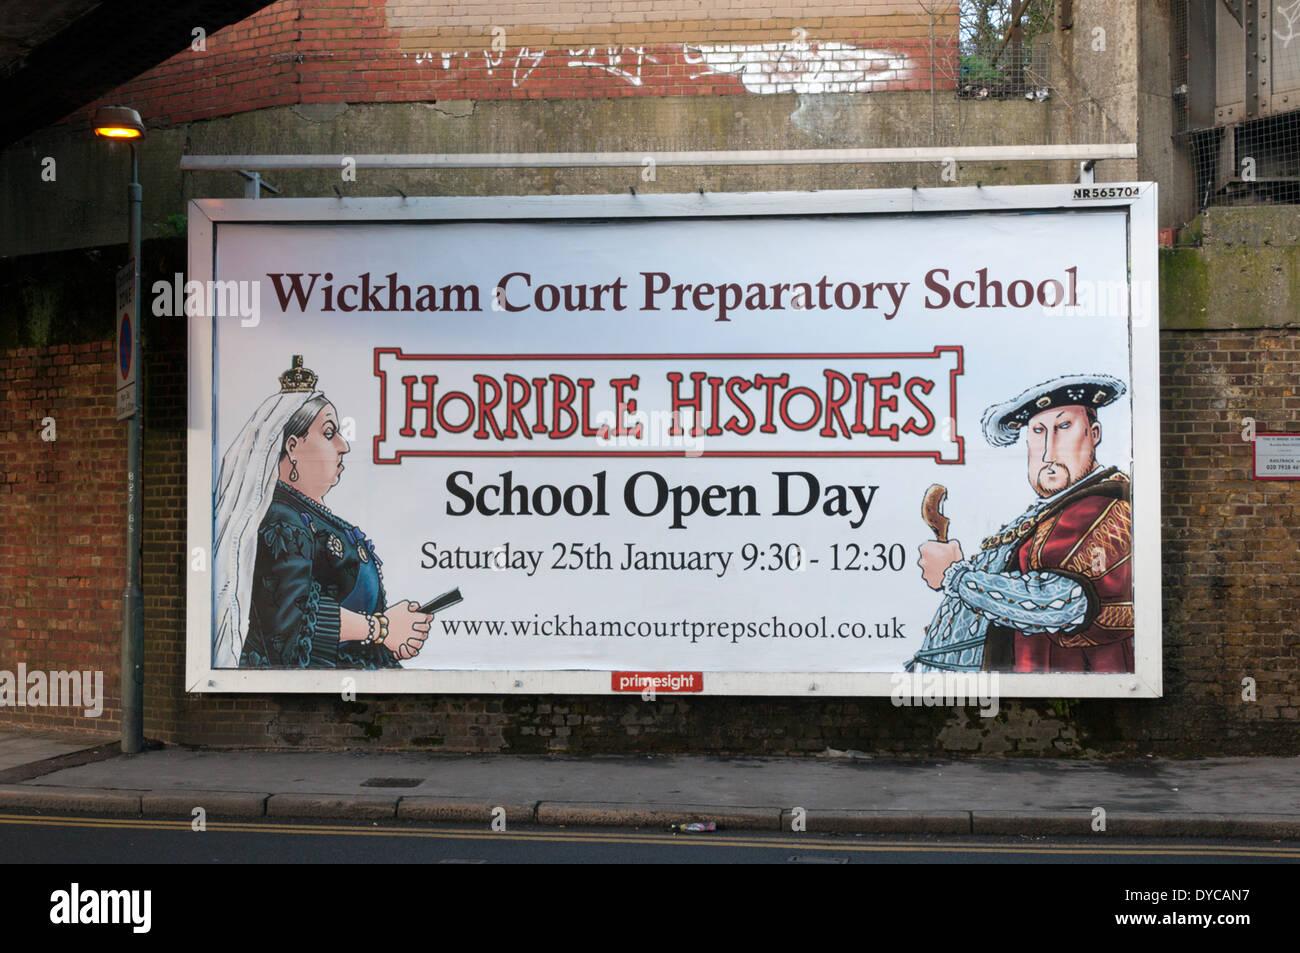 Schreckliche Geschichten Plakat zur Förderung einer Schule Tag der offenen Tür bei Wickham Court Preparatory School. Stockbild